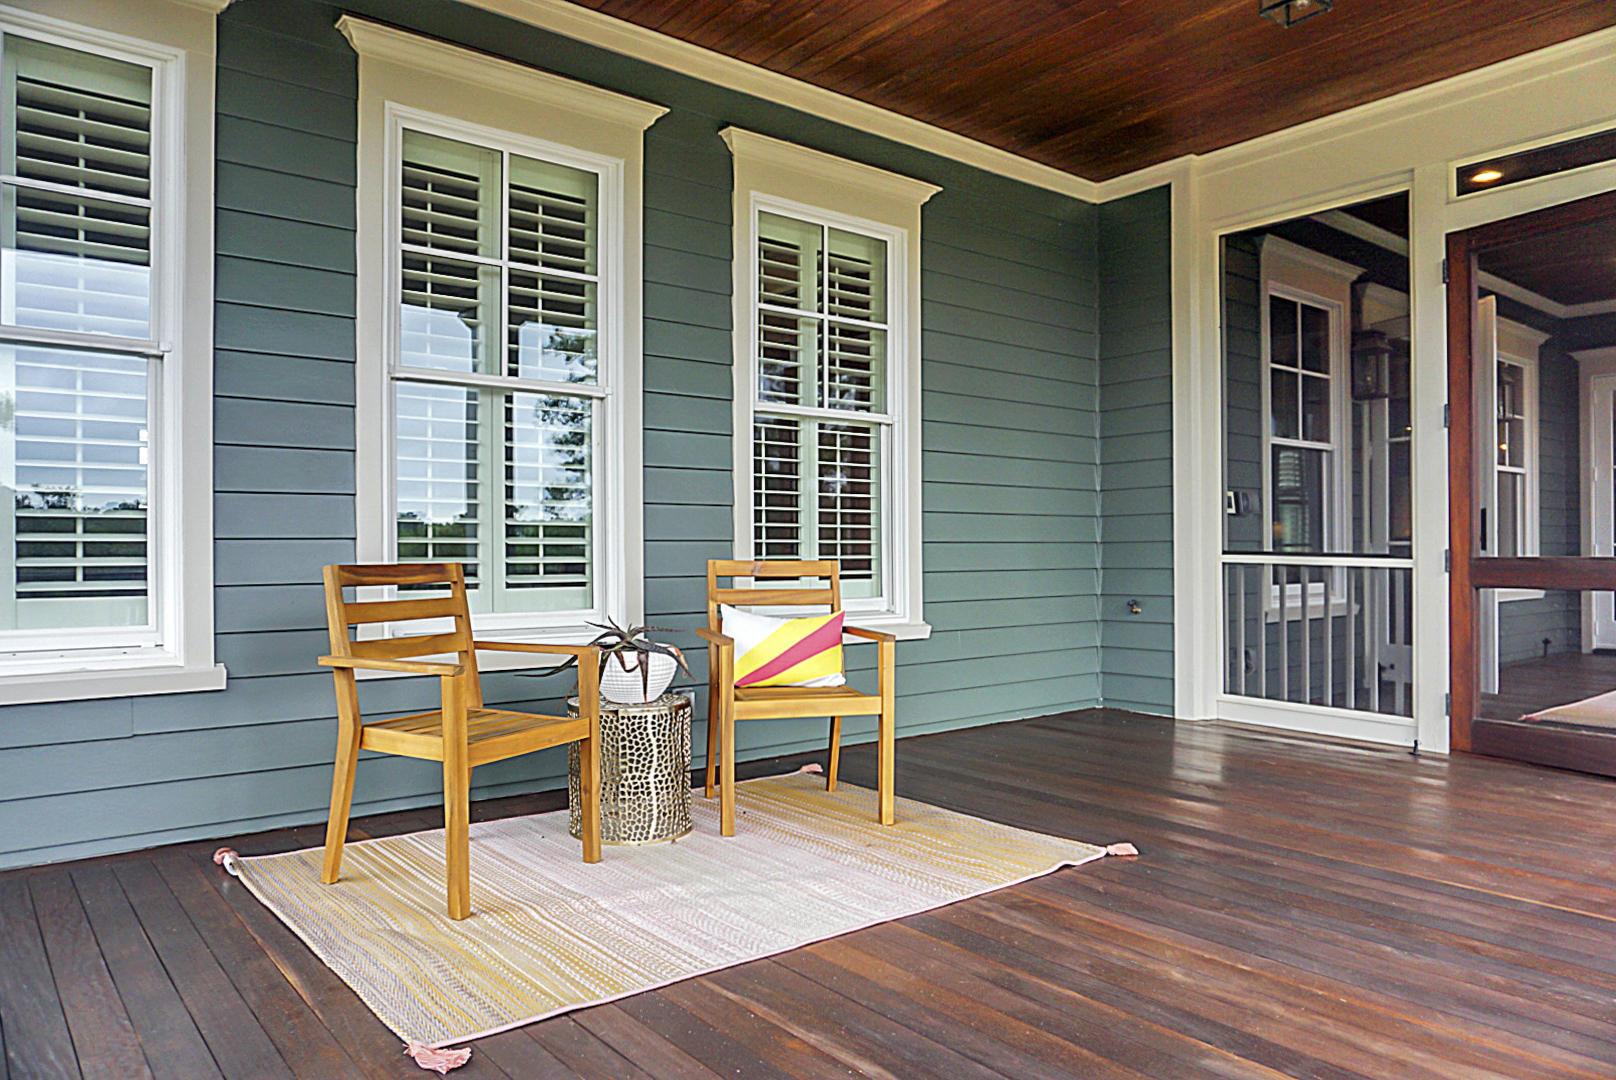 Dunes West Homes For Sale - 2978 River Vista, Mount Pleasant, SC - 94